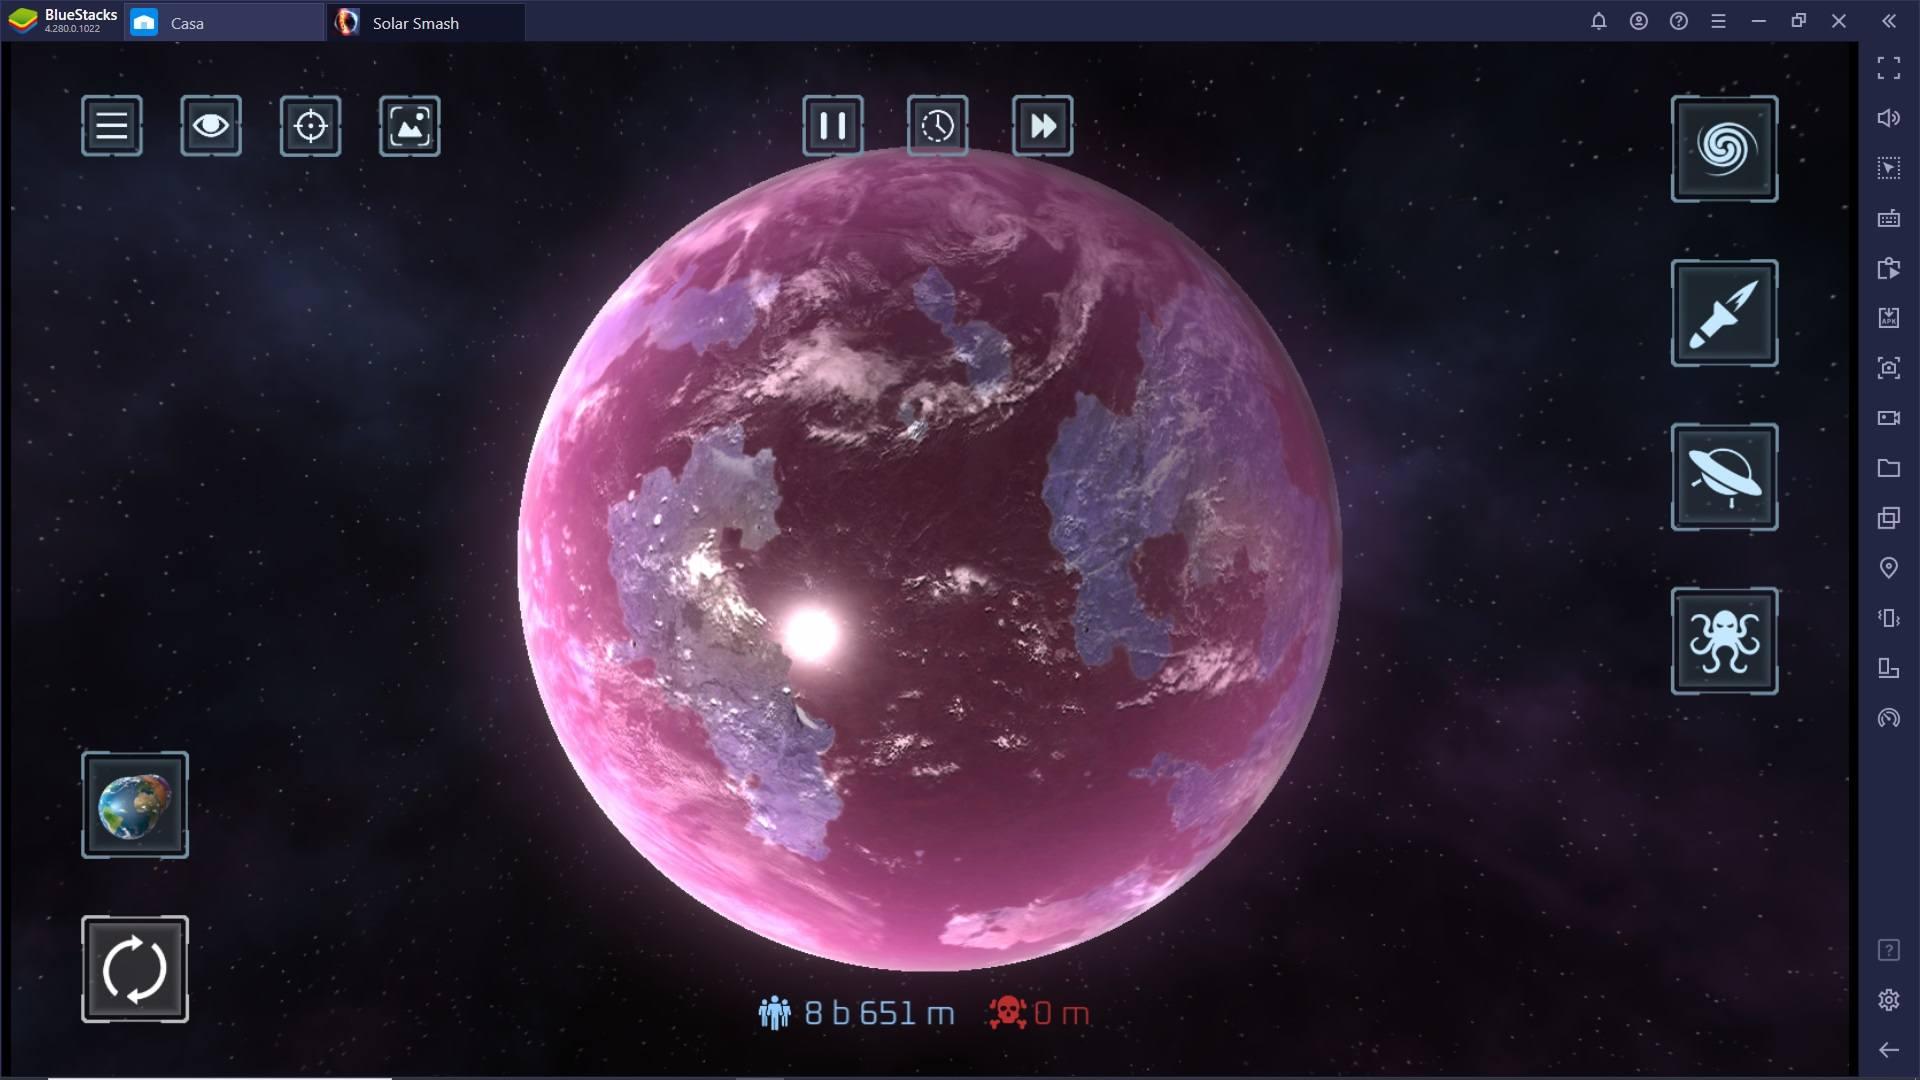 Solar Smash – Il Simulatore di Distruzione di Pianeti è disponibile su PC con Bluestacks!